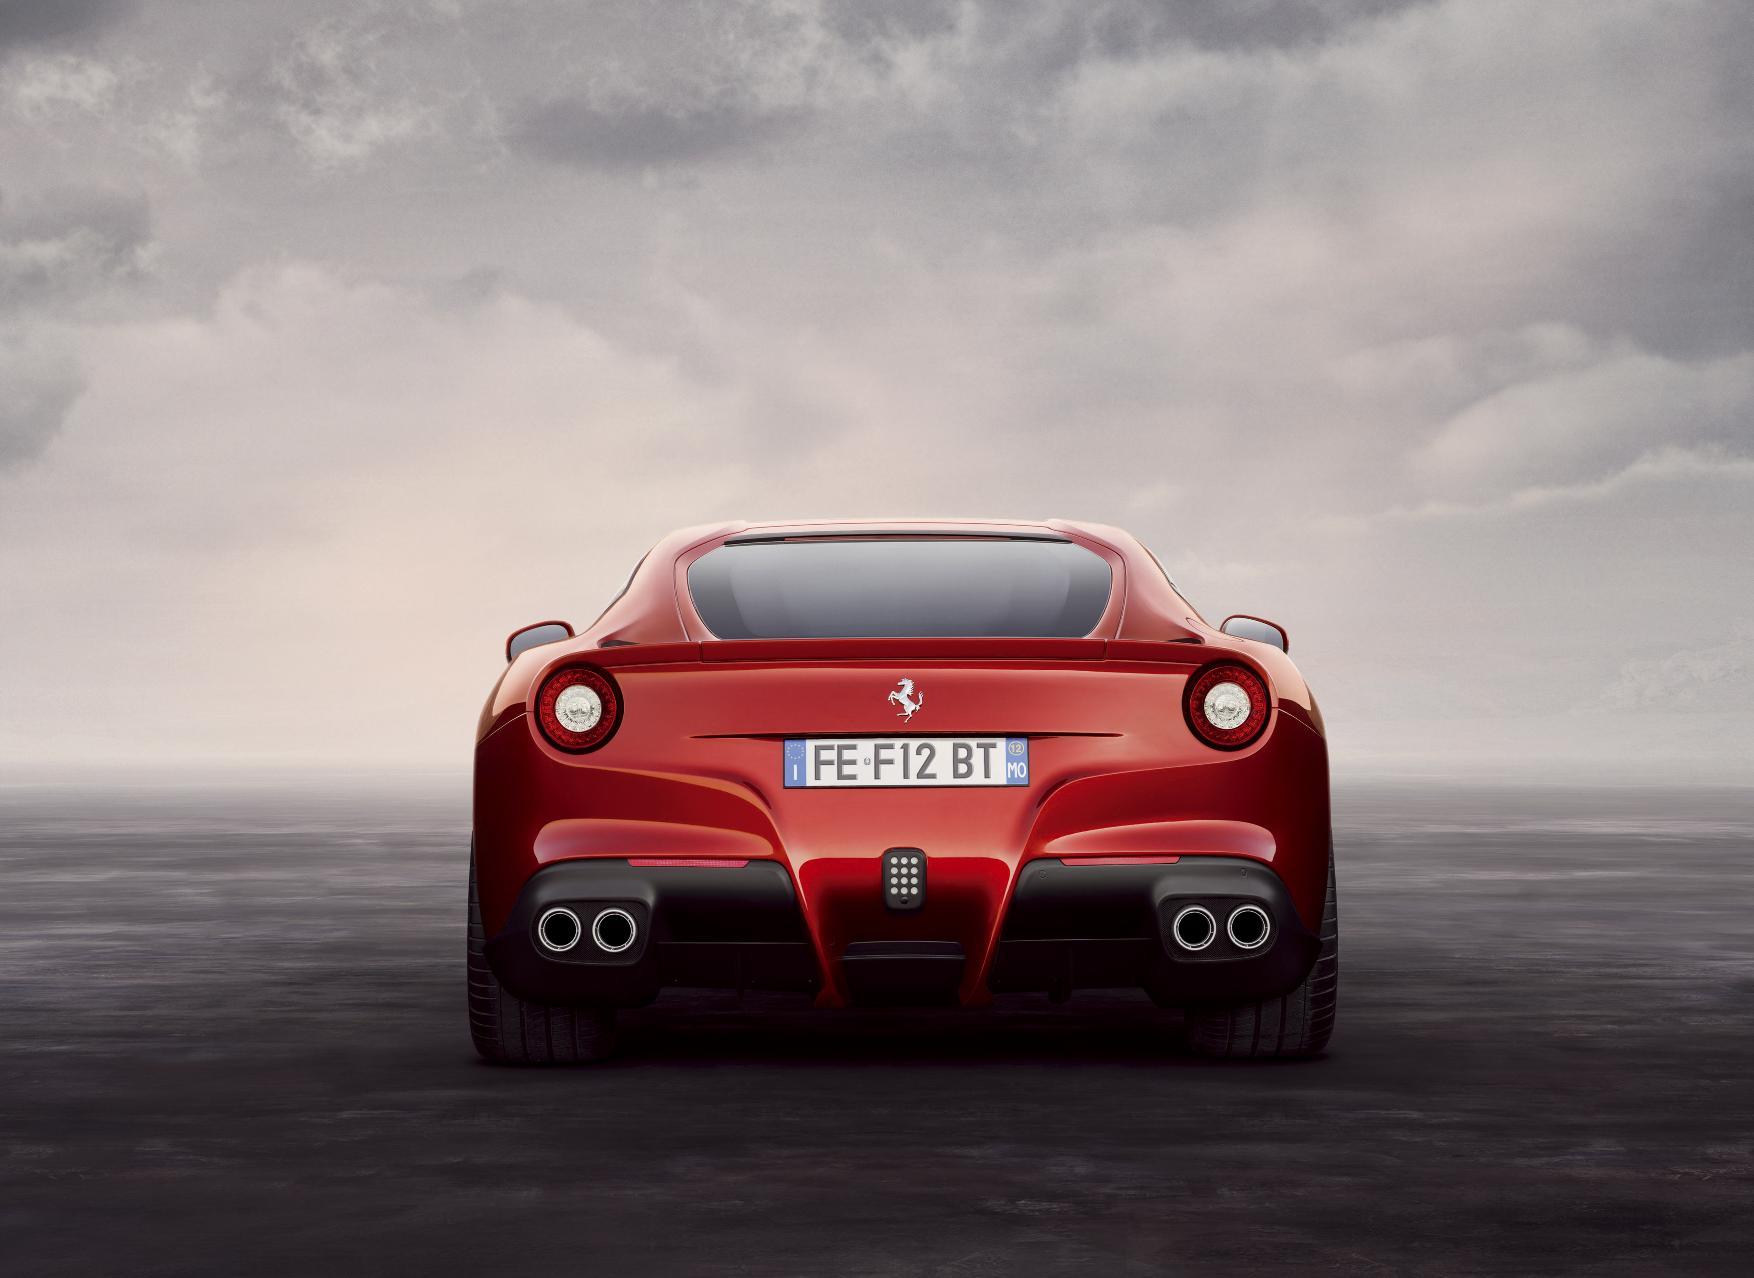 Ferrari F12 Berlinetta Rear 2